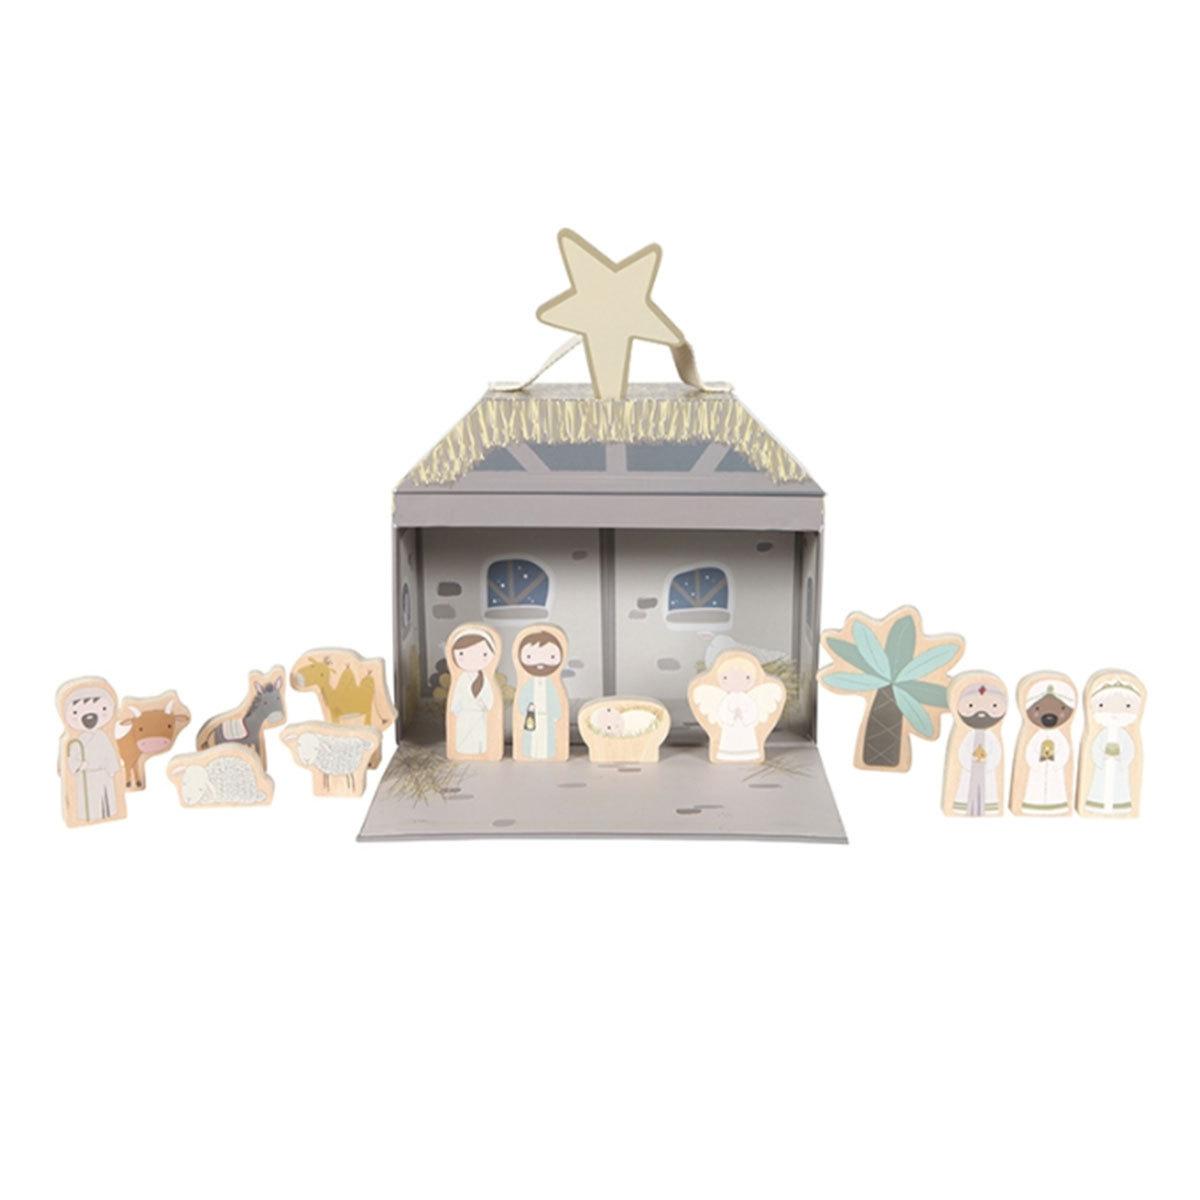 Mes premiers jouets Valisette Crèche de Noël Valisette Crèche de Noël